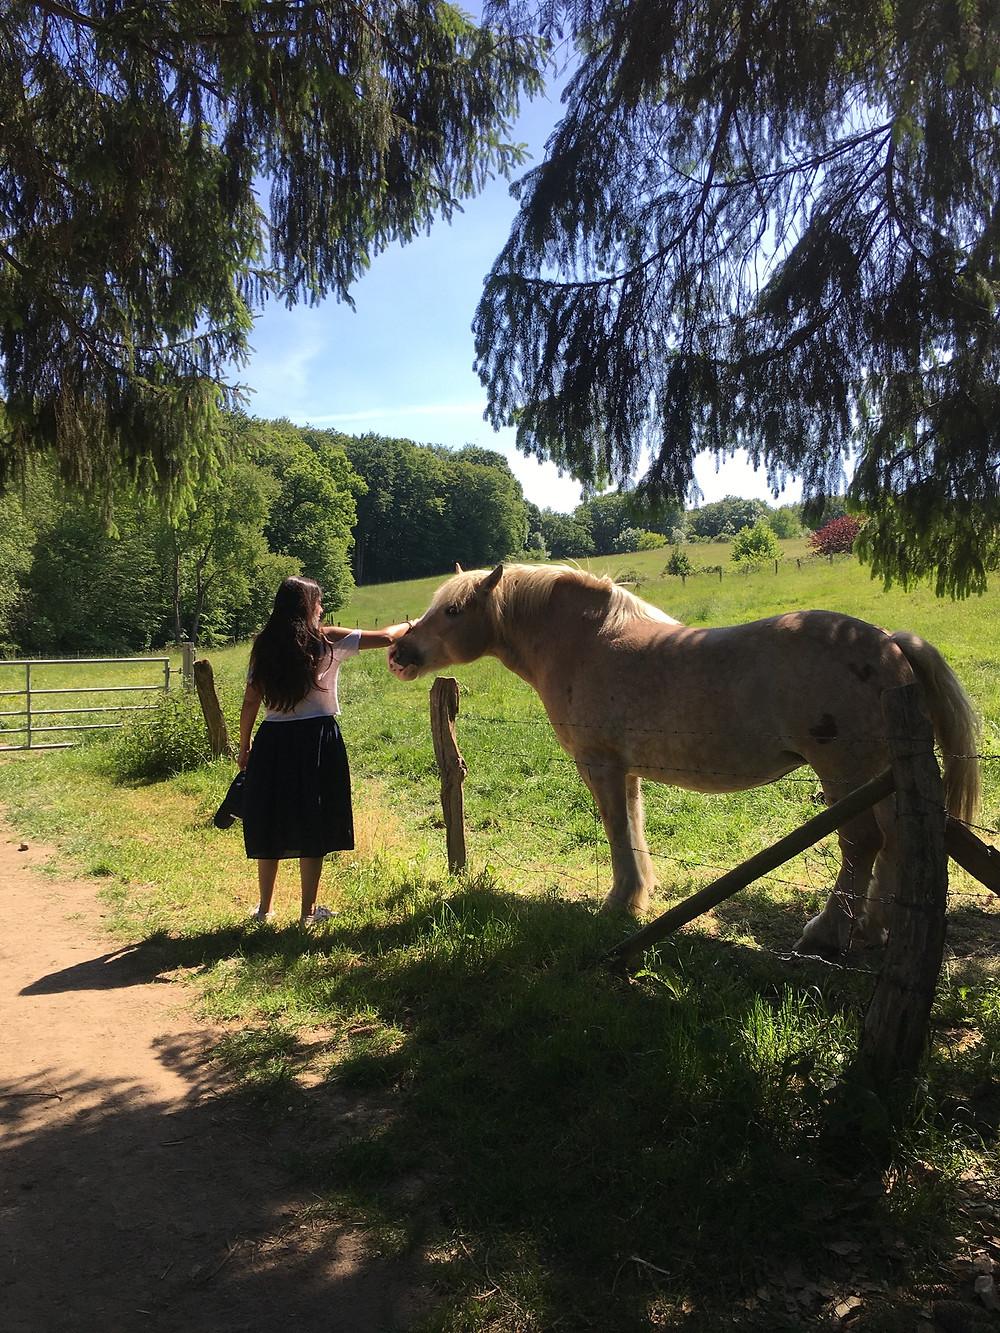 Horse on Pasture in Bergischer Weg